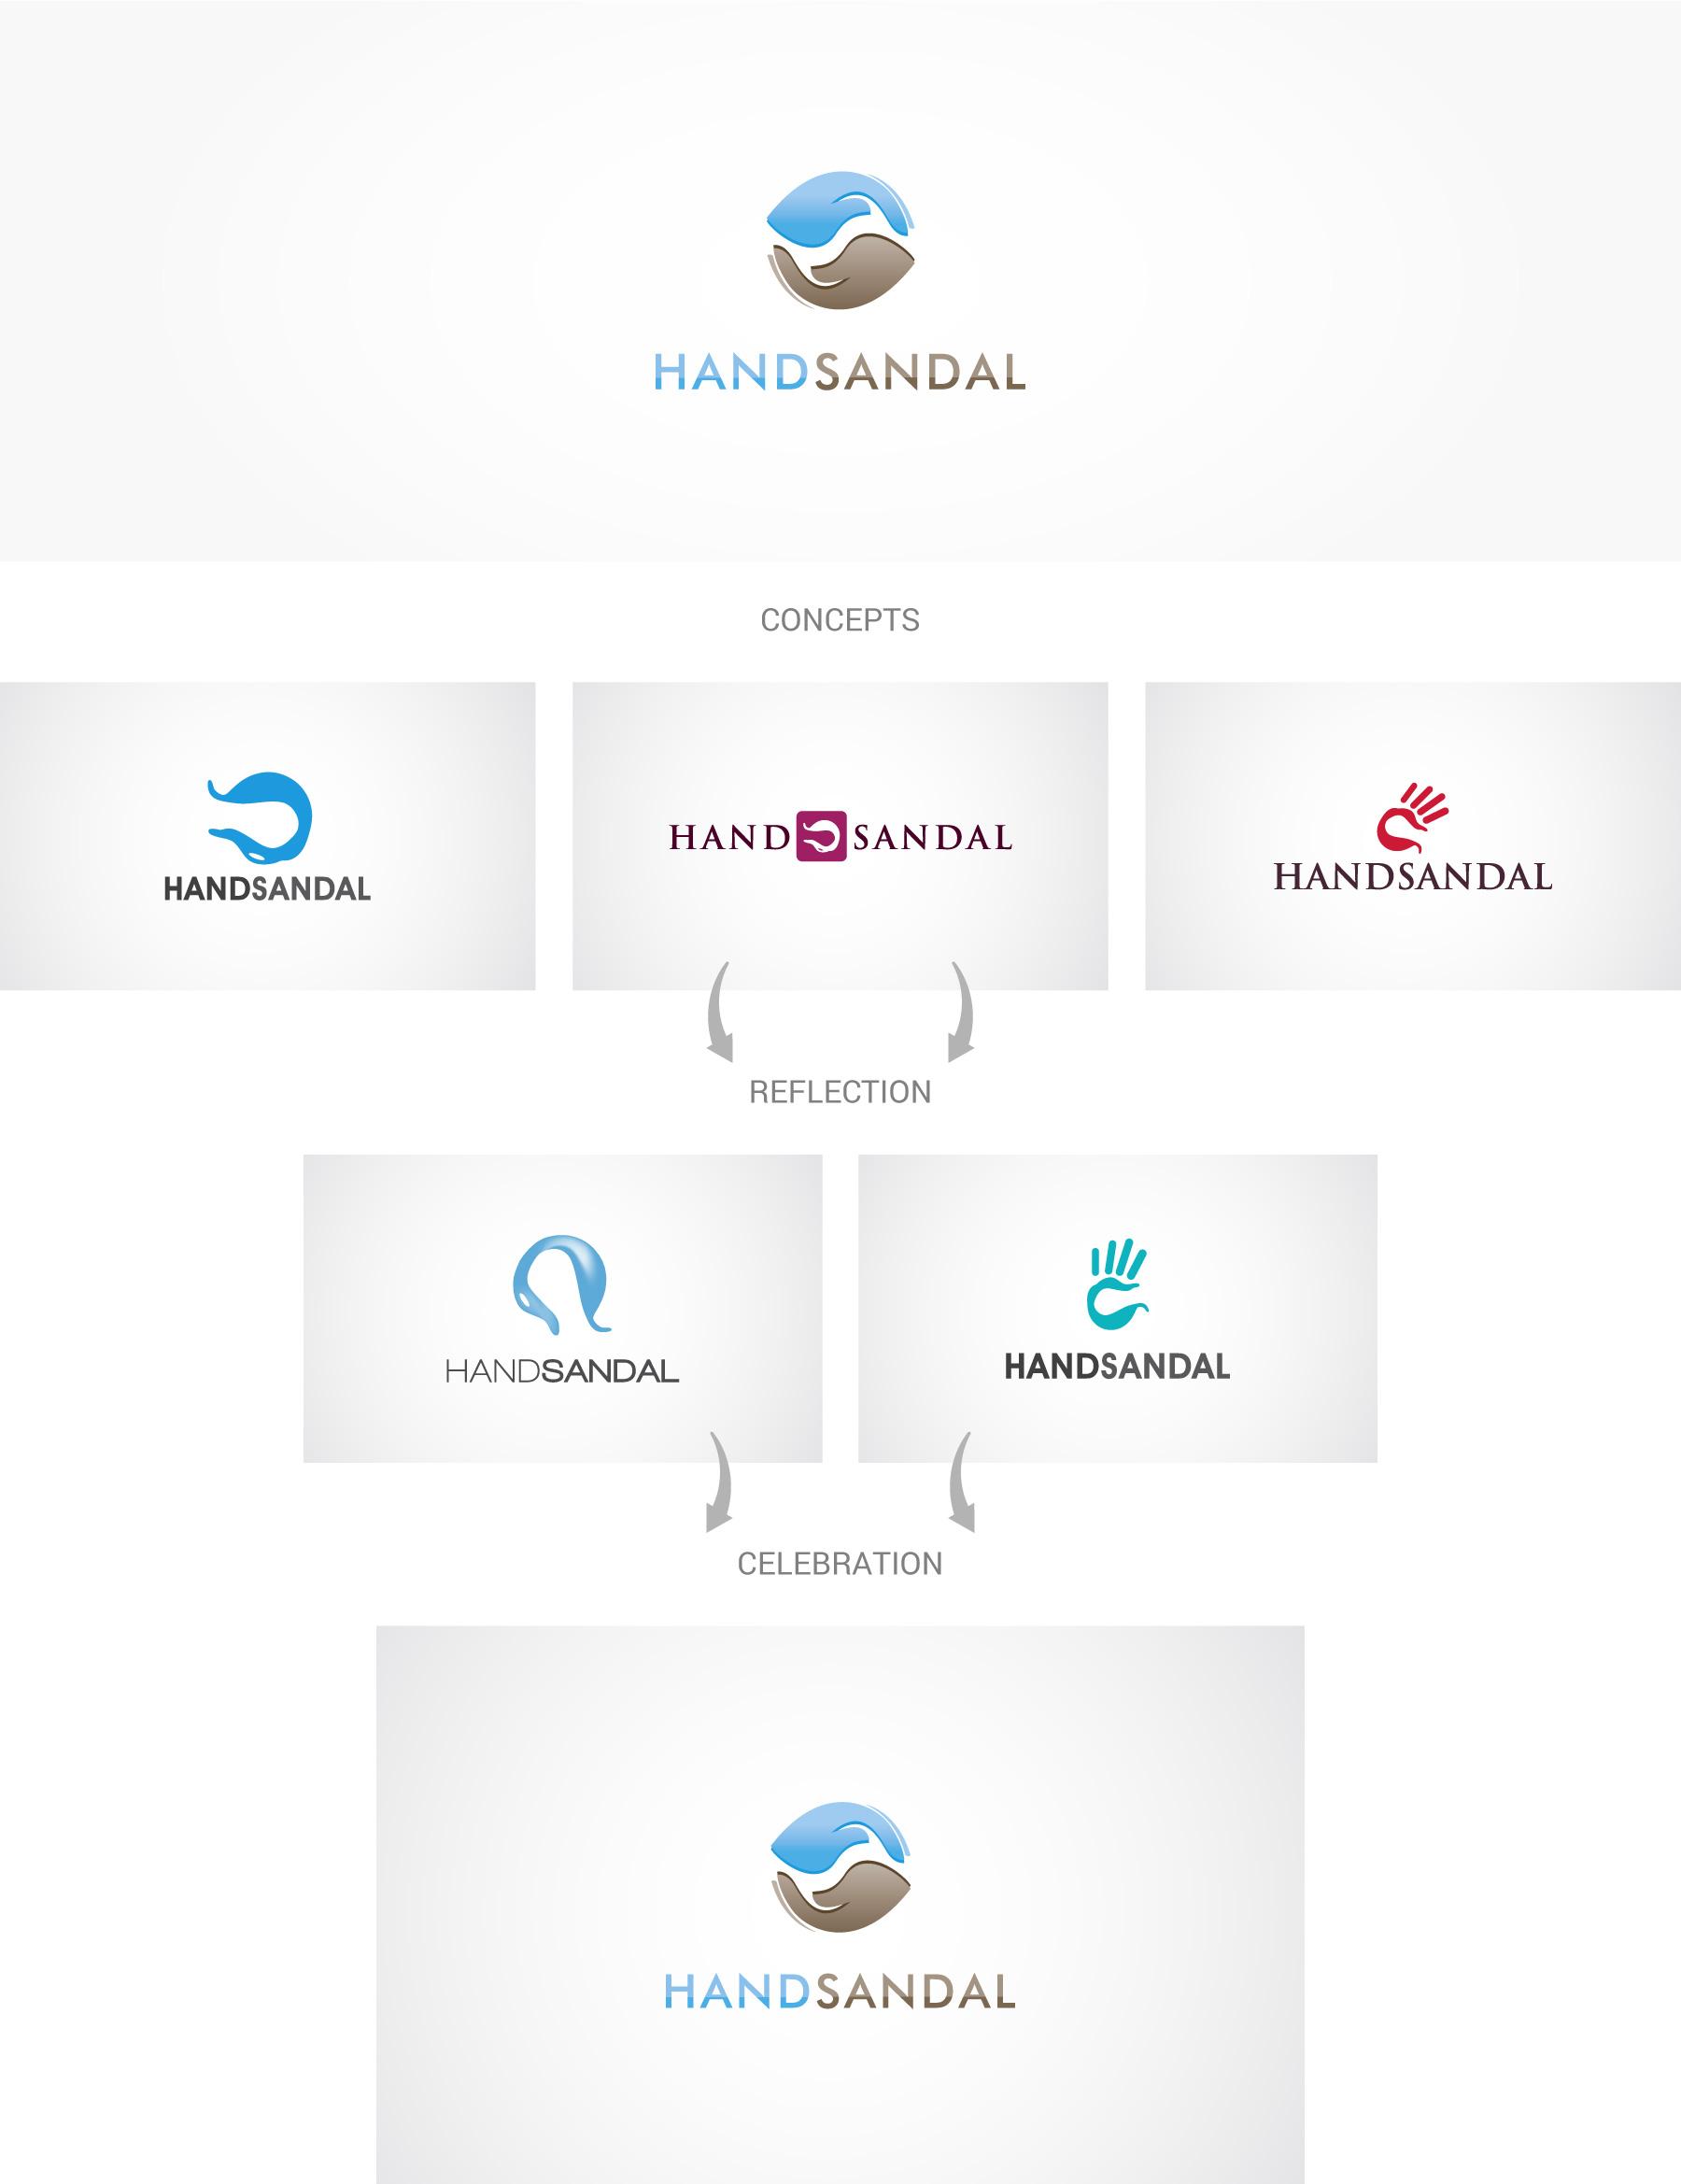 Hand-sandal-logo-design